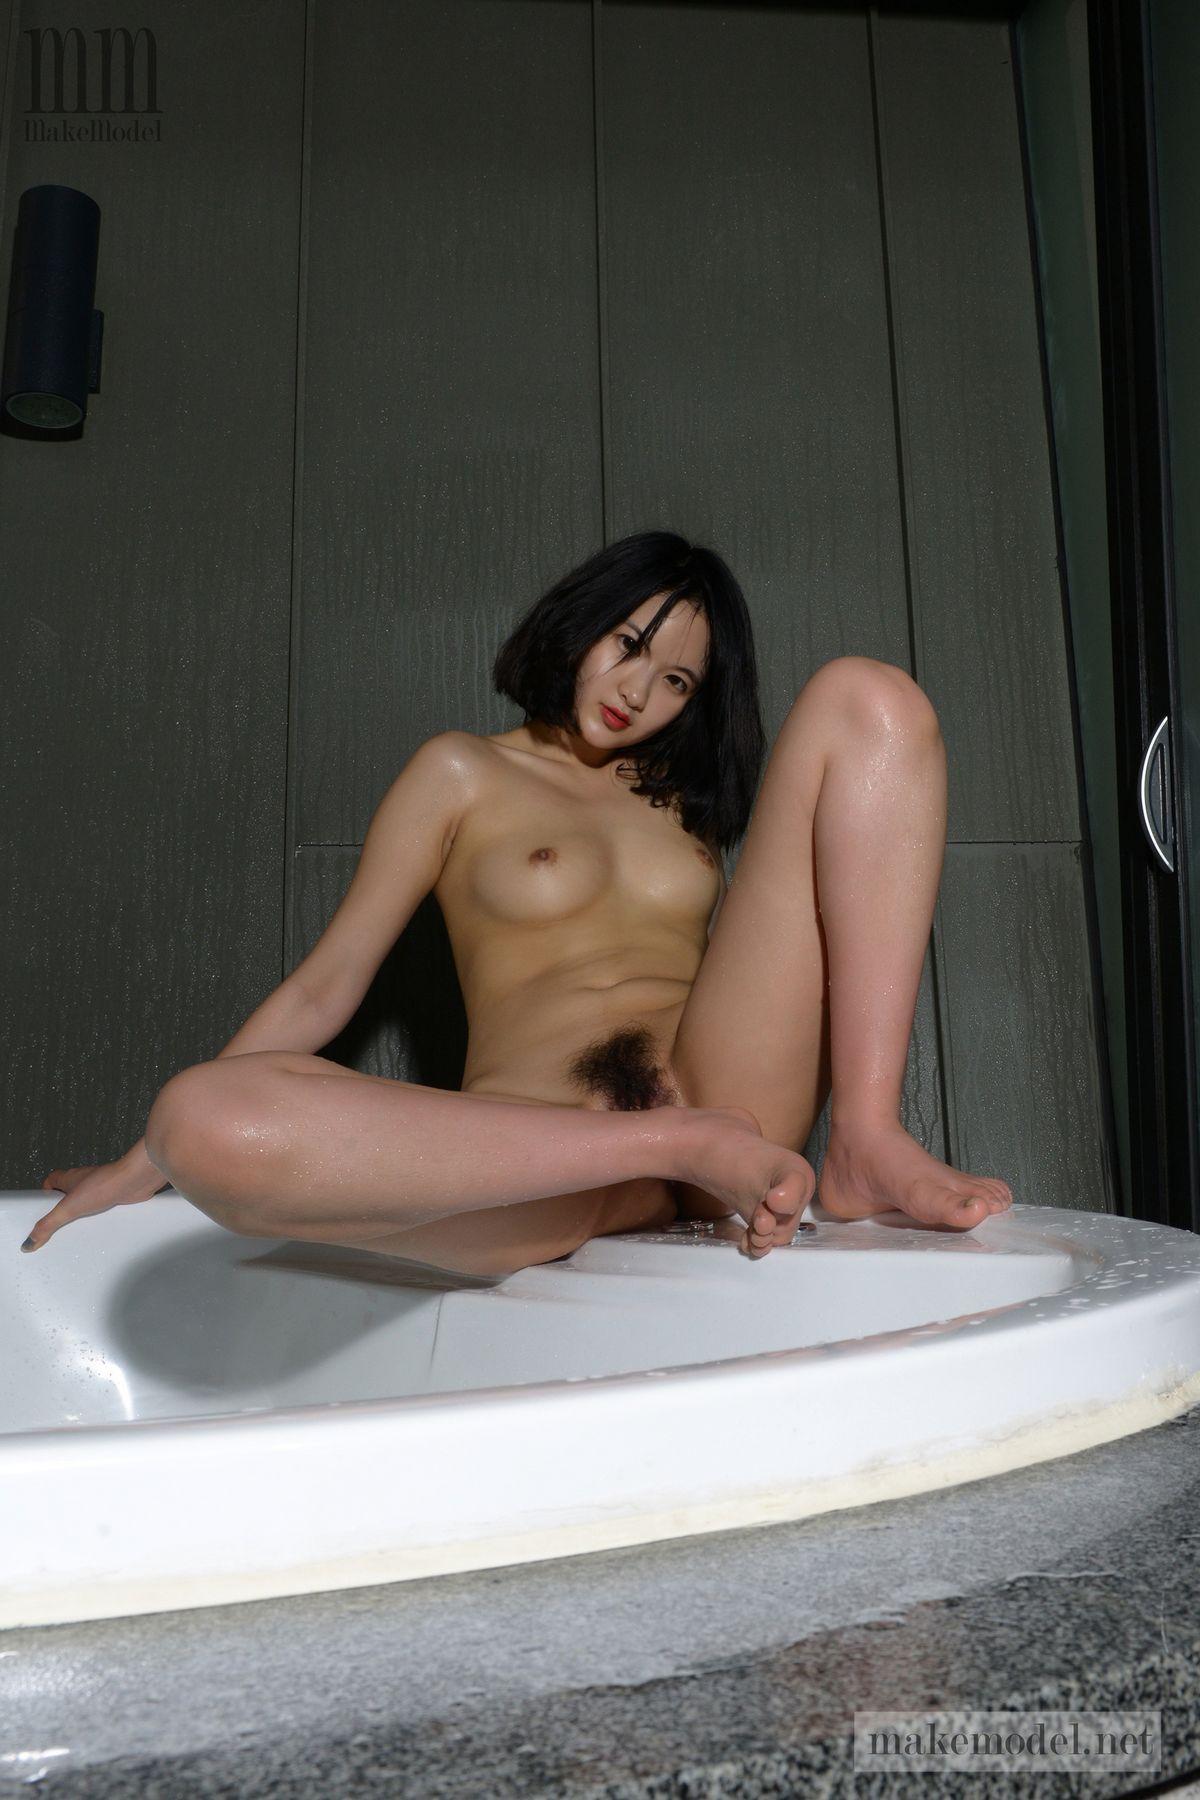 Суиджи - прекрасная японка с пушистой киской. Порно прекрасный.